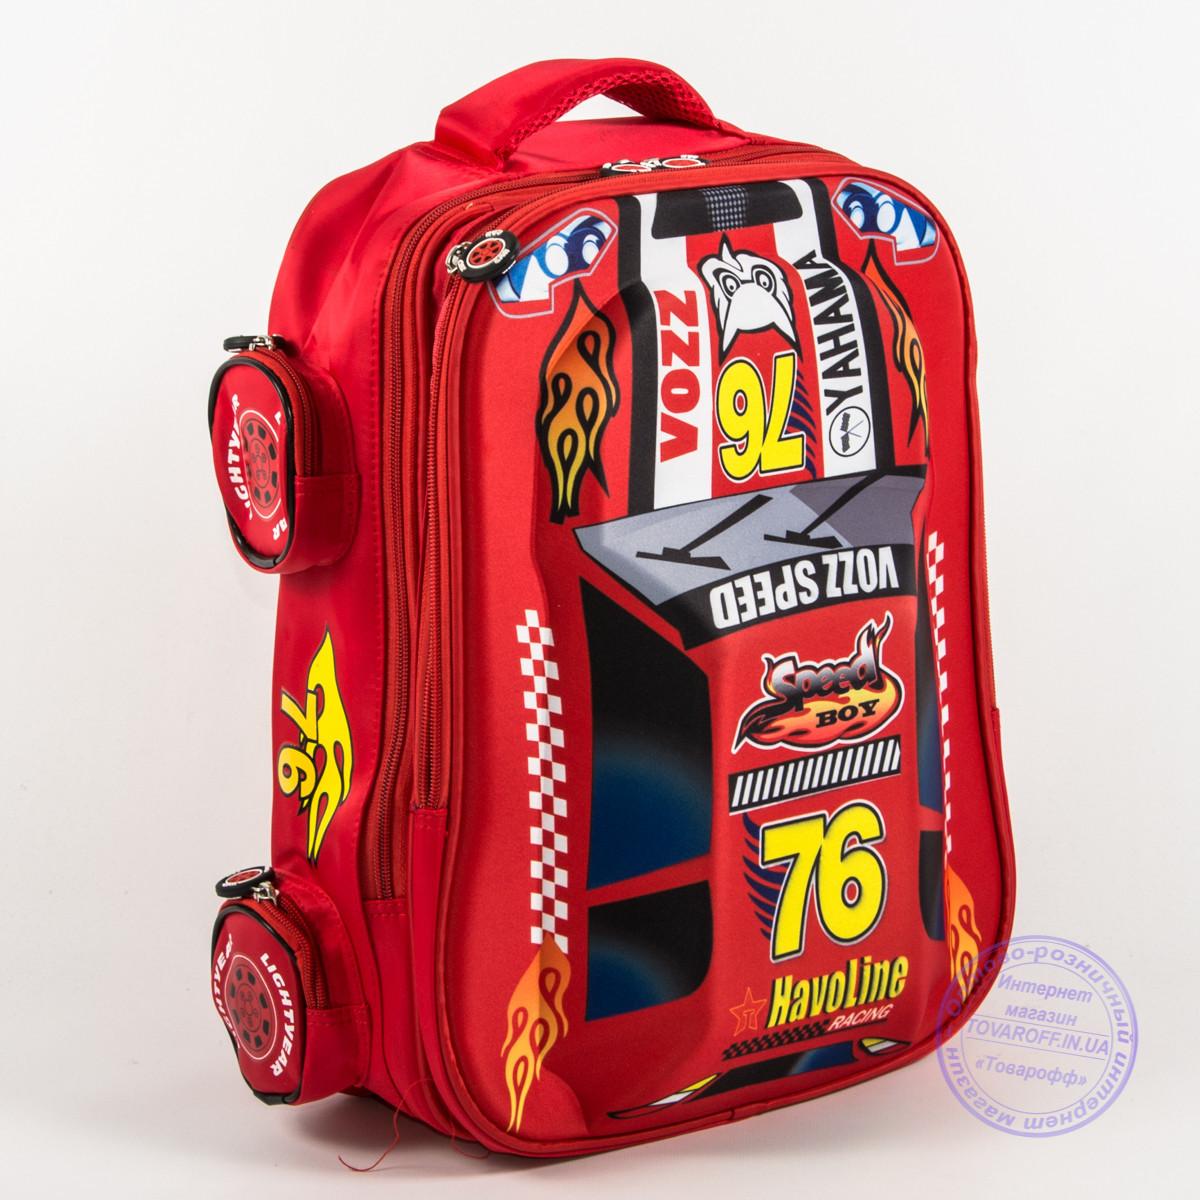 d284f12657ba Оптом школьный рюкзак для мальчика 3D машина - красная - 127 - Интернет  магазин Товарофф в